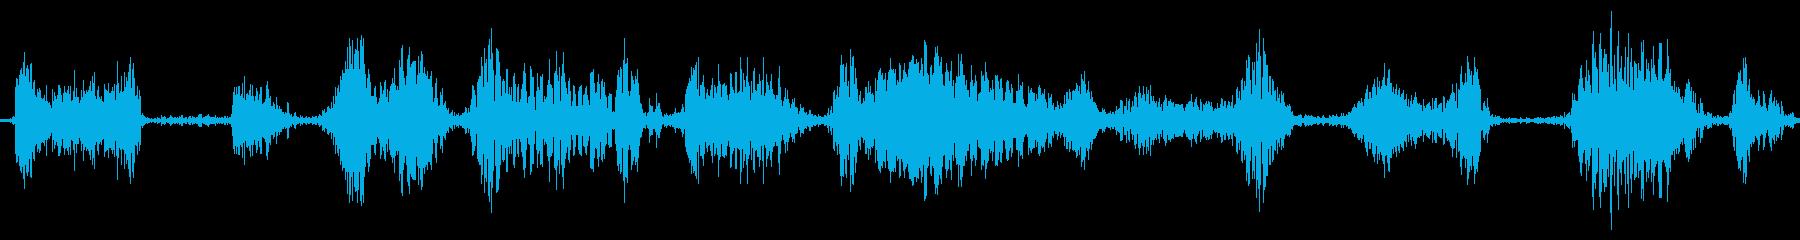 ラジオスキャン6の再生済みの波形